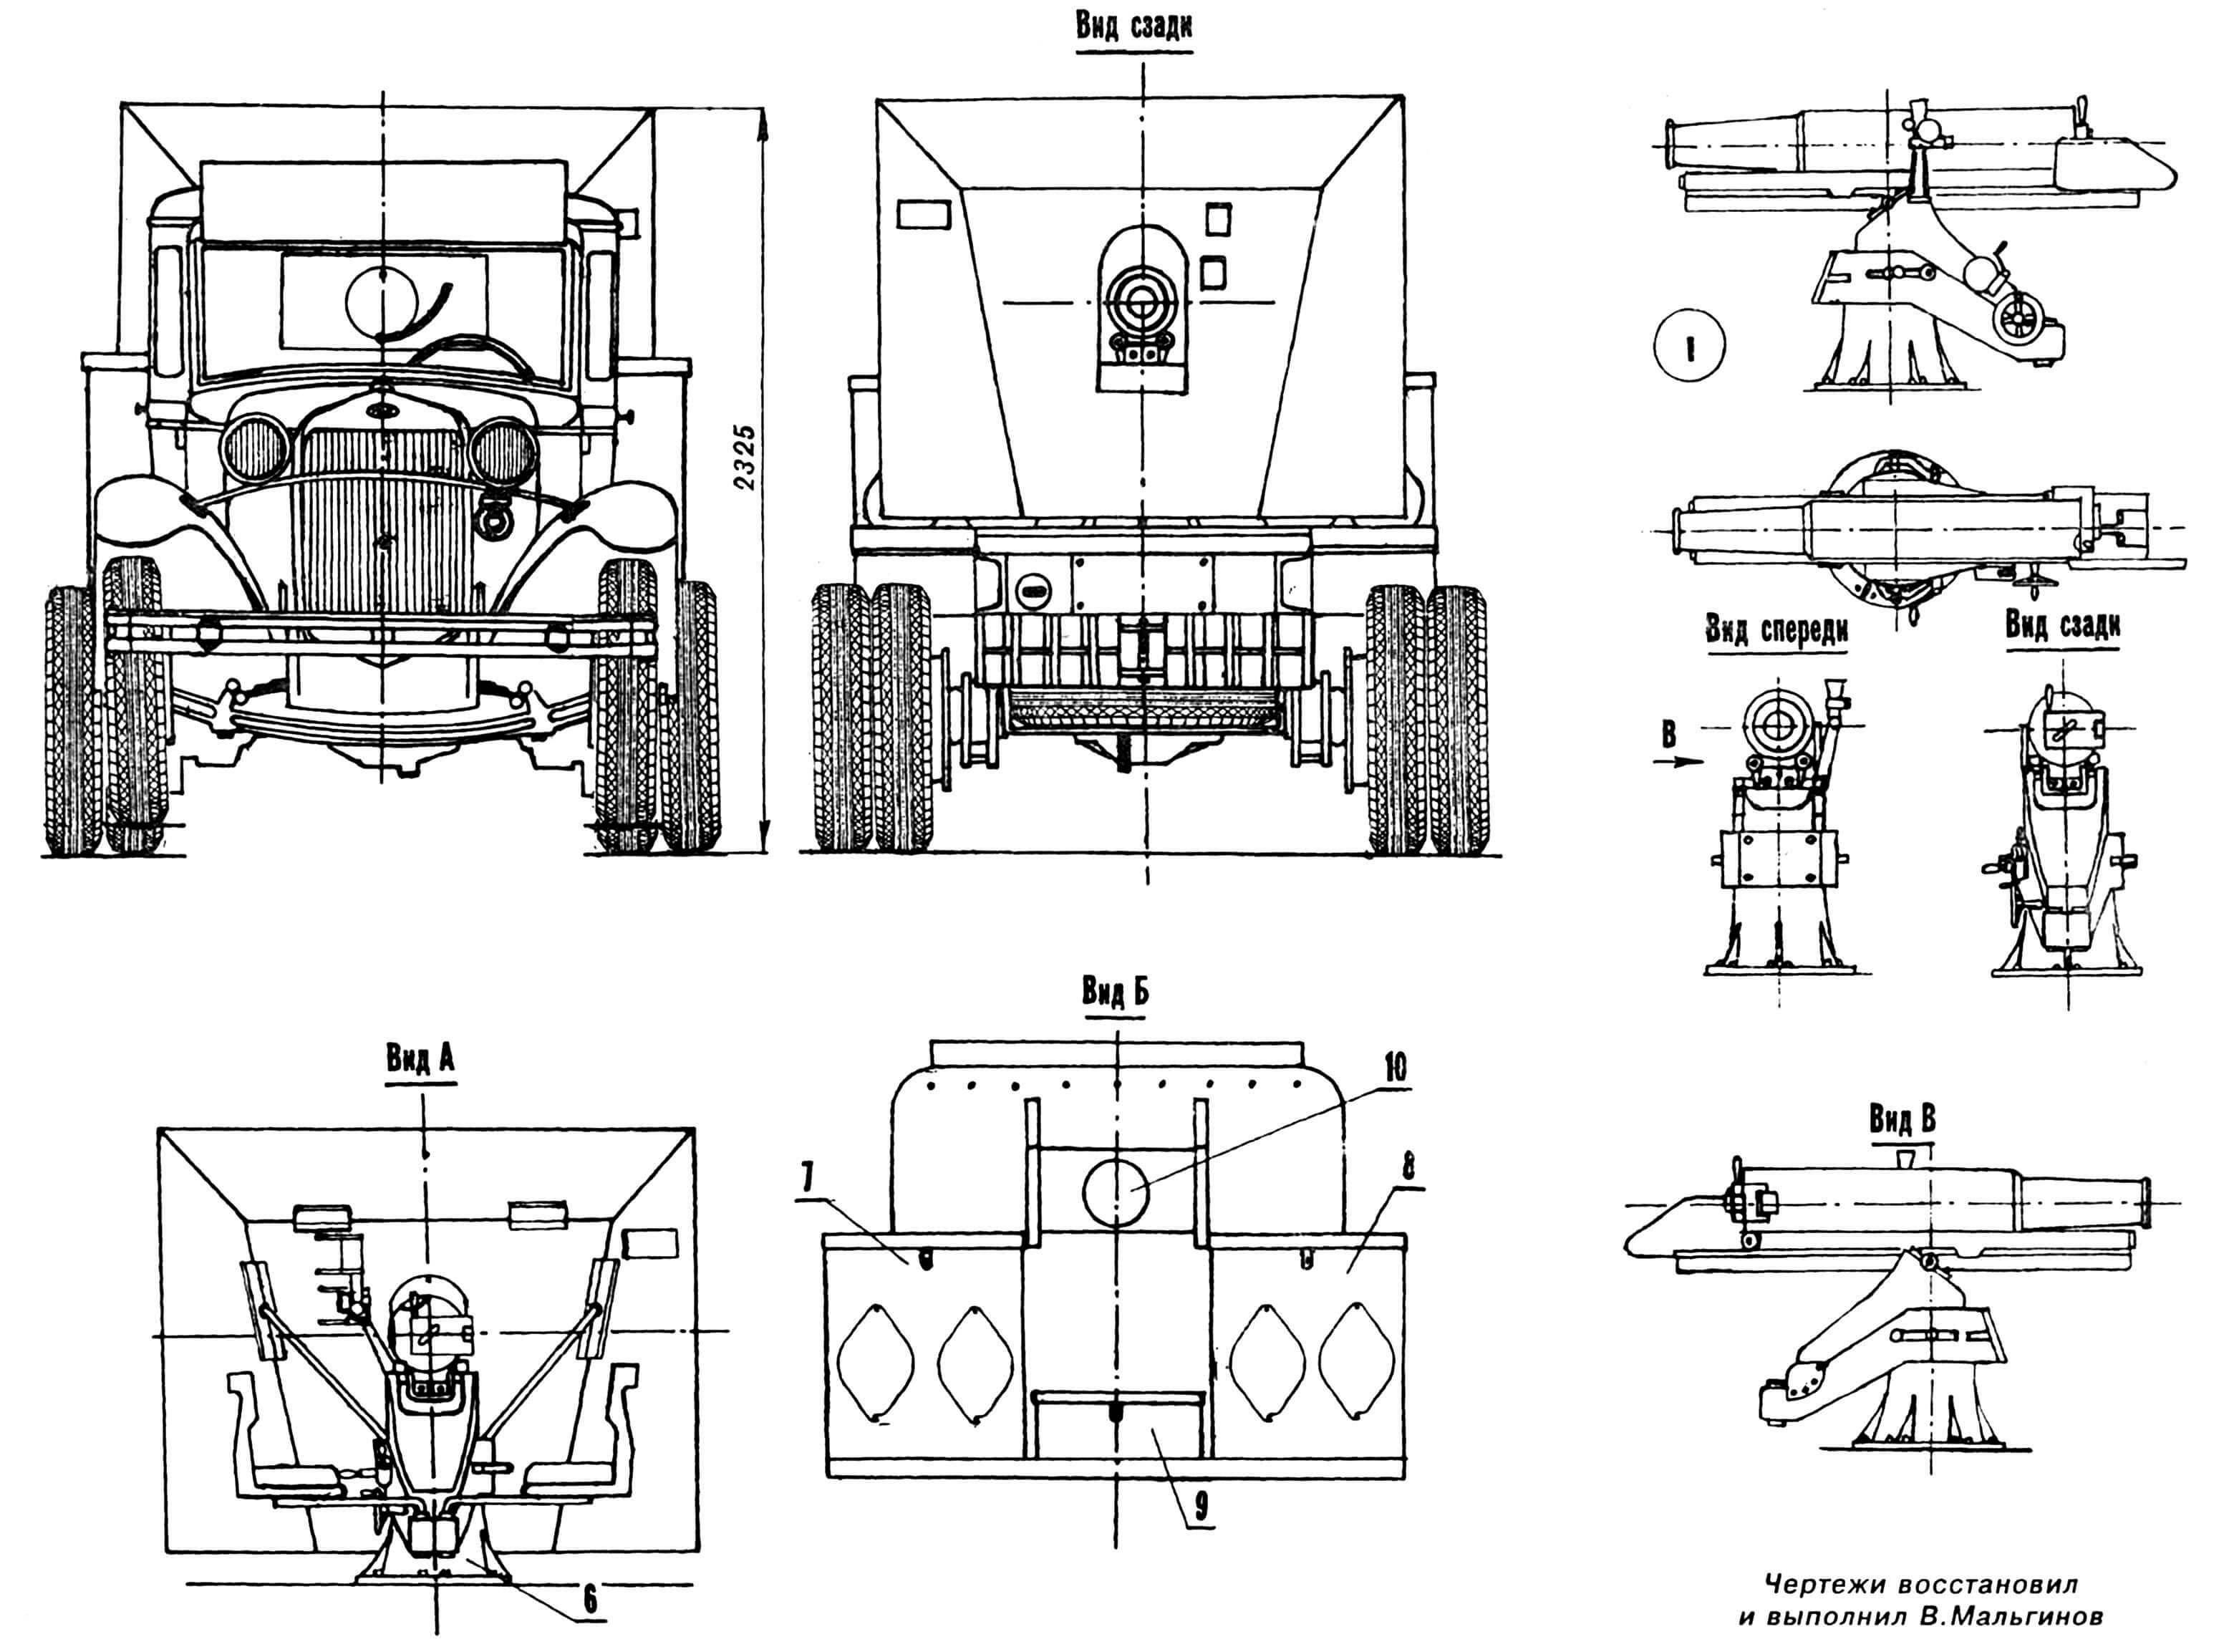 Самоходная установка СУ-12: 1 — пушка, 2 — щит, 3 — платформа, 4 — буксирное приспособление, 5 — отражатель, 6 — тумба, 7 — левый зарядный ящик, 8 — правый зарядный ящик, 9 — ящик ЗИП, 10 — окно с заслонкой.